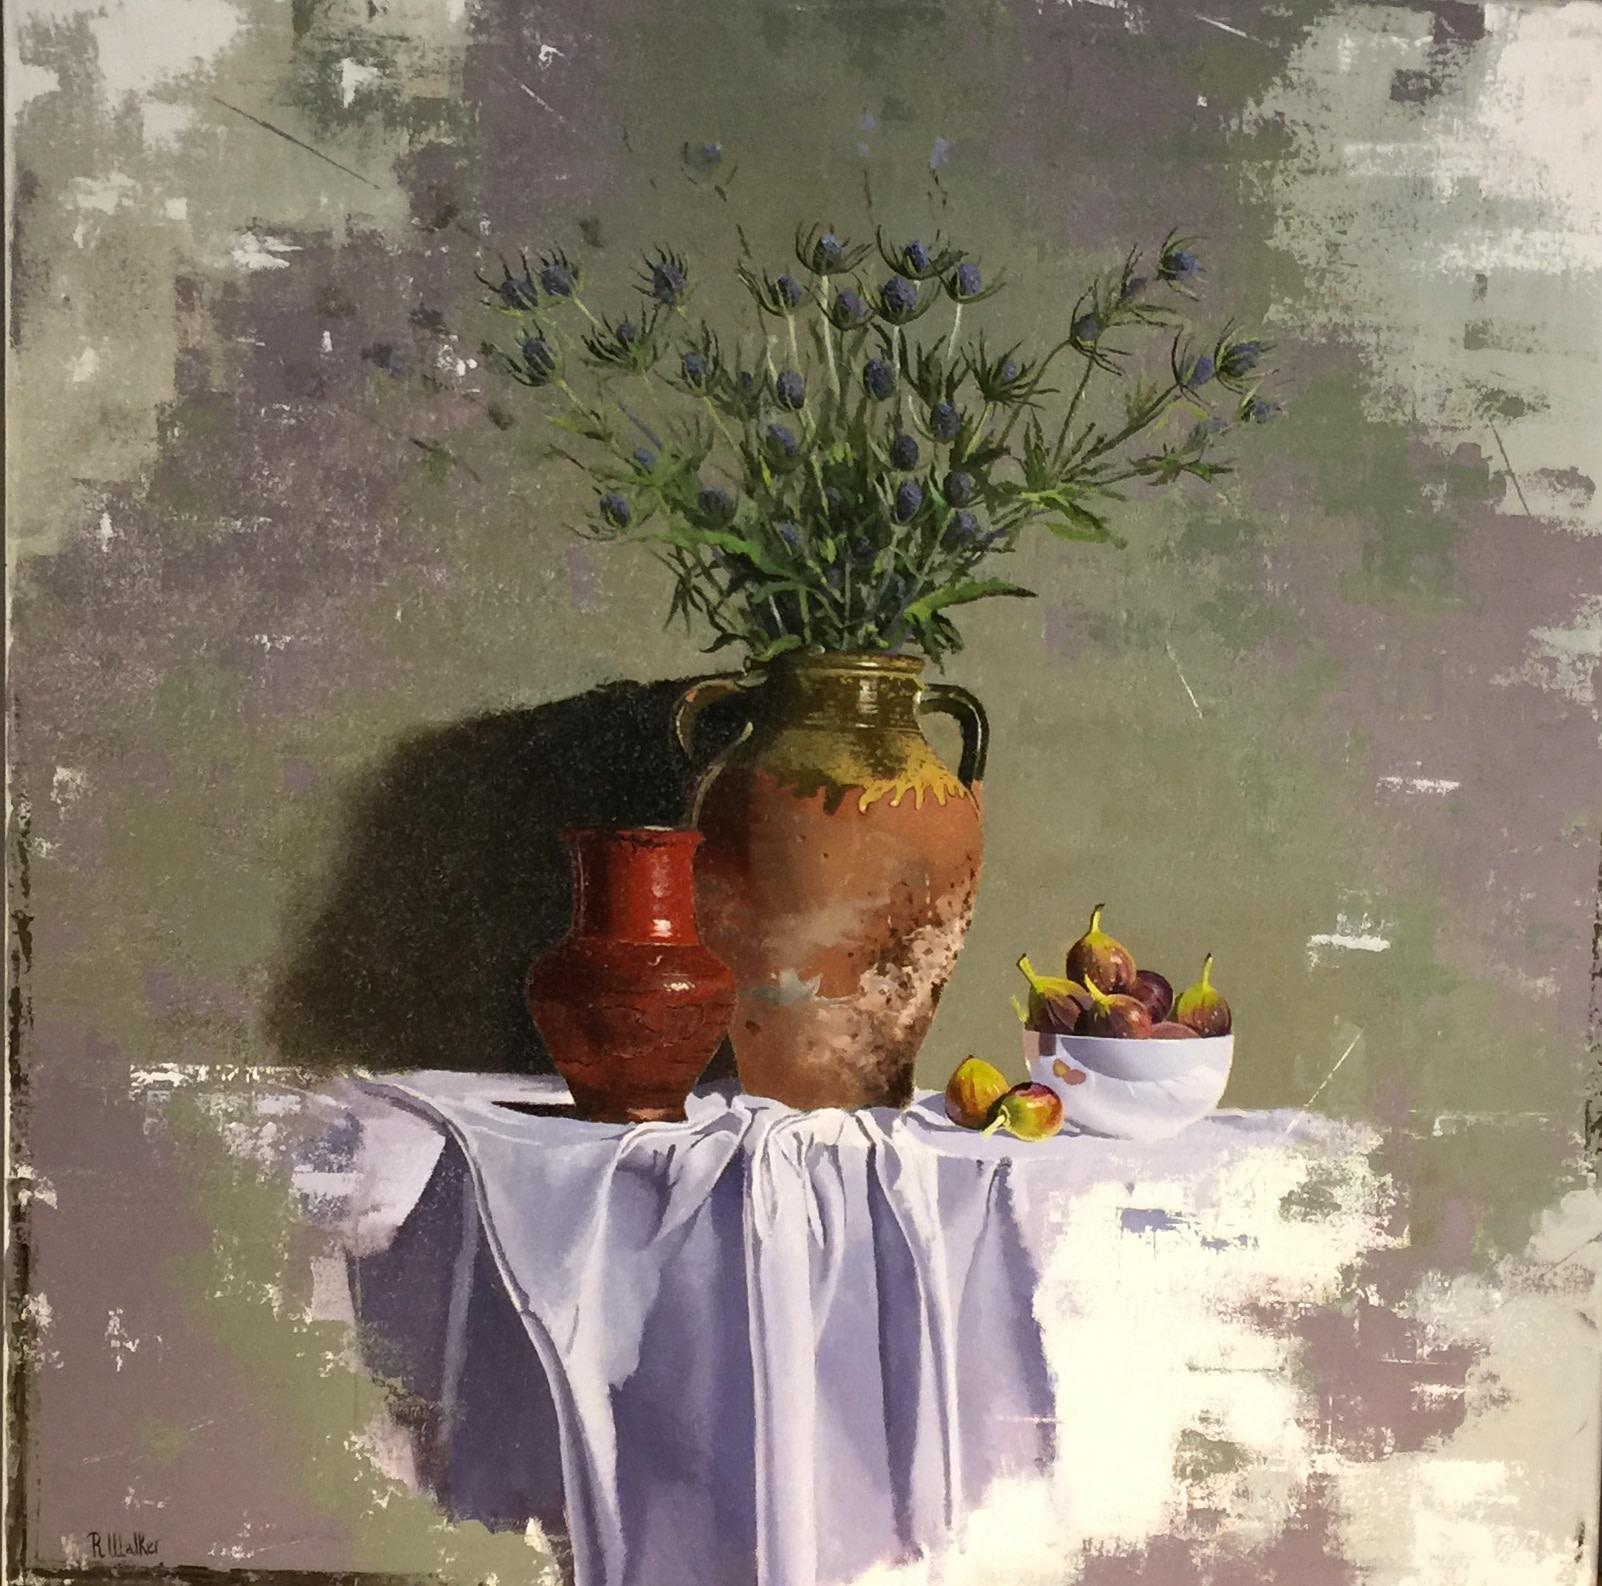 <span class=&#34;link fancybox-details-link&#34;><a href=&#34;/artists/67-robert-walker/works/1938-robert-walker-bowl-of-figs/&#34;>View Detail Page</a></span><div class=&#34;artist&#34;><strong>Robert Walker</strong></div> <div class=&#34;title&#34;><em>Bowl of Figs</em></div> <div class=&#34;medium&#34;>Oil on Canvas </div> <div class=&#34;dimensions&#34;>70 x 70 cm</div><div class=&#34;price&#34;>£1,800.00</div><div class=&#34;copyright_line&#34;>Copyright The Artist</div>